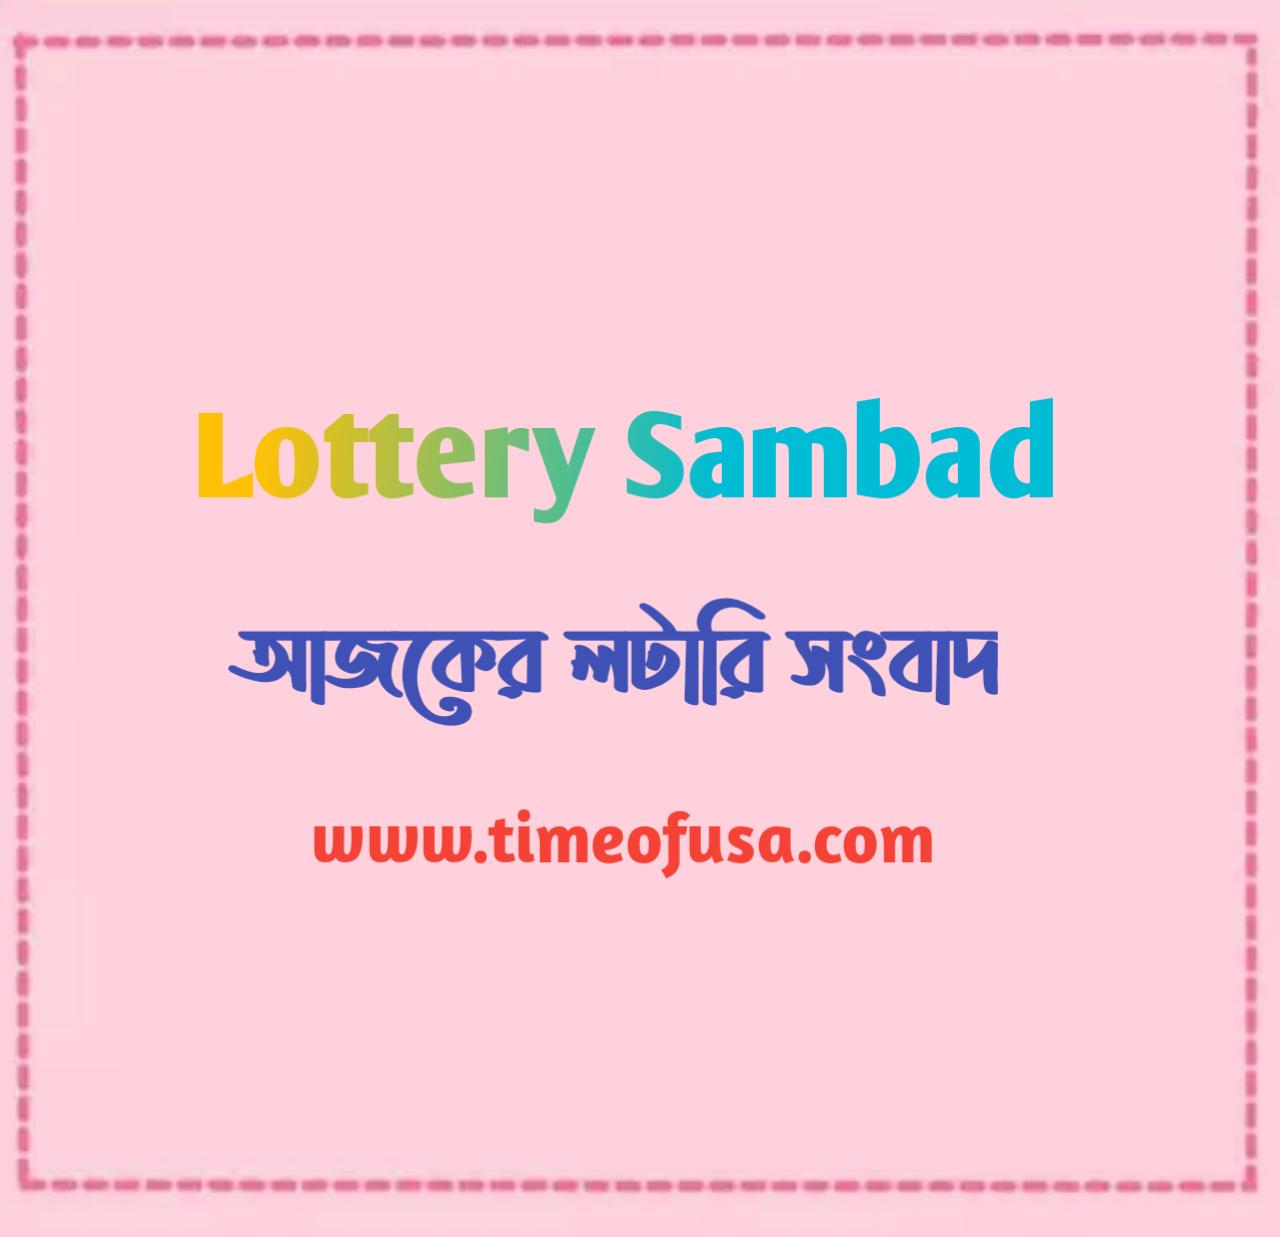 লটারি সংবাদ 8pm, লটারি সংবাদ 08:00, lottery sambad 8 pm, tody lottery sambad 8 pm, লটারি সংবাদ আজকের রেজাল্ট 8 PM, lottery sambad 8 pm pdf, lottery sambad 8 pm 23/01/21, লটারি সংবাদ রেজাল্ট, লটারি লাইভ, রাজশ্রীলটারি সংবাদ, সিকিম স্টেট লটারি রেজাল্ট ফোর পিএম, Lottery Sambad, লটারি সংবাদ 8 pm,  লটারি সংবাদ 8pm old, Lottery Sambad Result, আজকের লটারি সংবাদ 8pm, নাগাল্যান্ড লটারি সংবাদ 8pm, Lottery Sambad Today Result, লটারি সংবাদ 8 pm today, লটারি সংবাদ 8 pm লাইভ, Lottery Sambad 11:55 AM, Lottery Sambad 4:00 PM, lottery sambad 8 pm old, lottery sambad 8pm nagaland, Lottery Sambad 8 PM, Nagaland State Lottery Dhankesari,